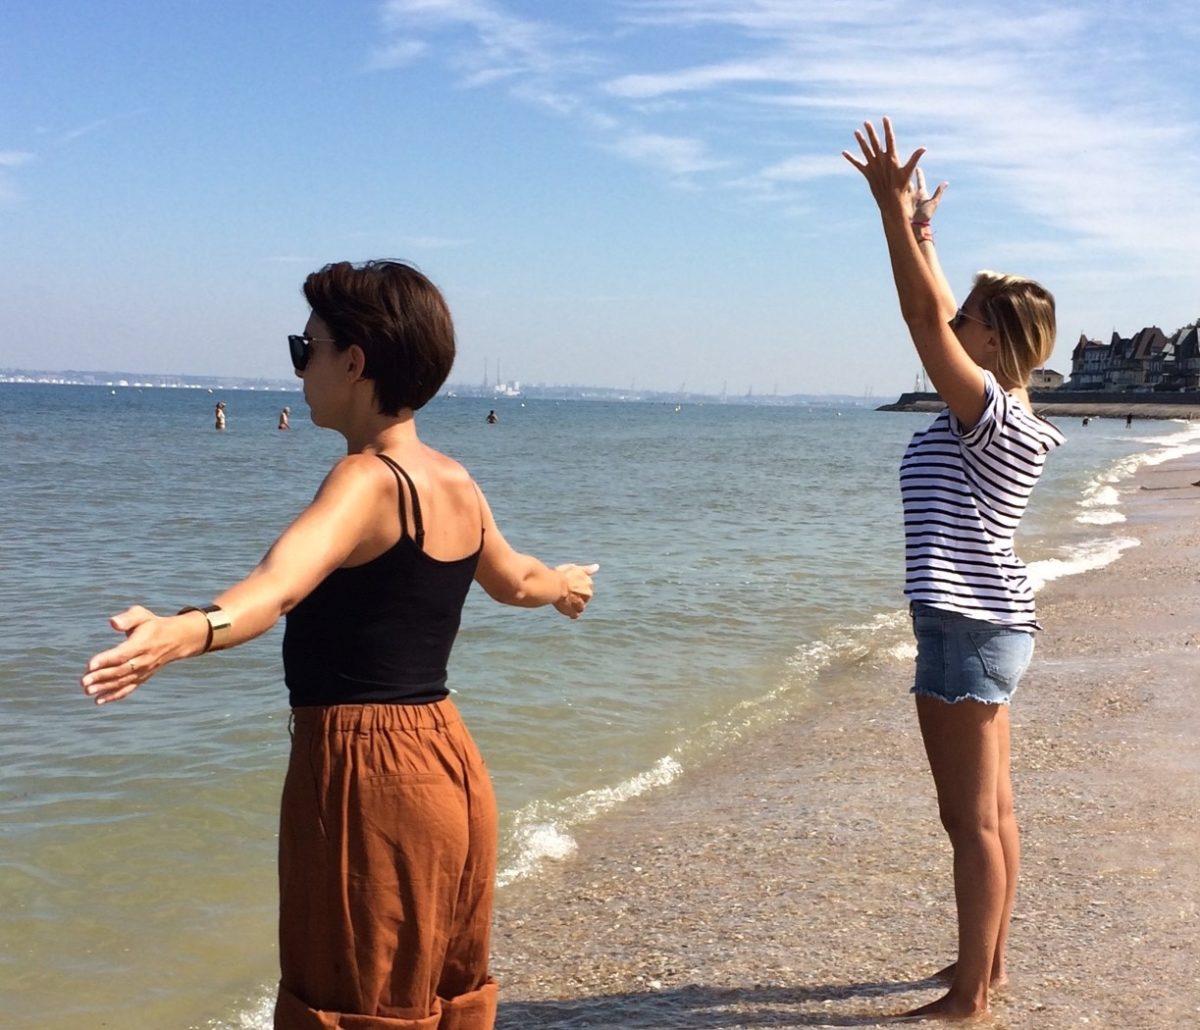 Séance sophrologie et bien-être sur la plage